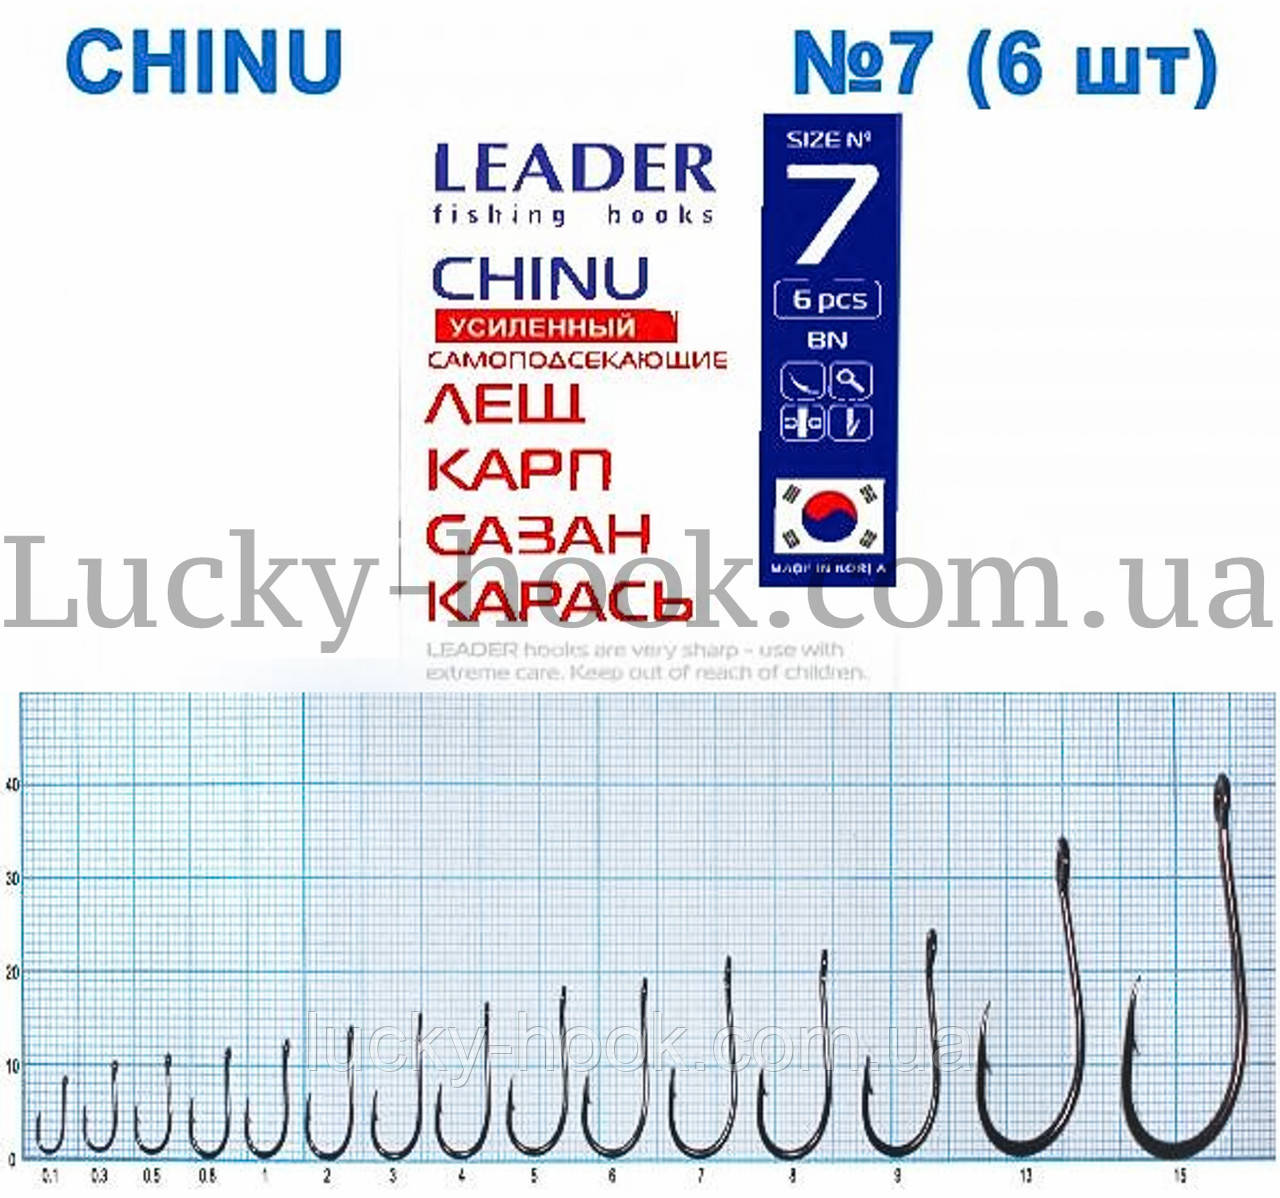 Крючок Leader CHINU BN (Лещ,карп, карась, сазан)  №7